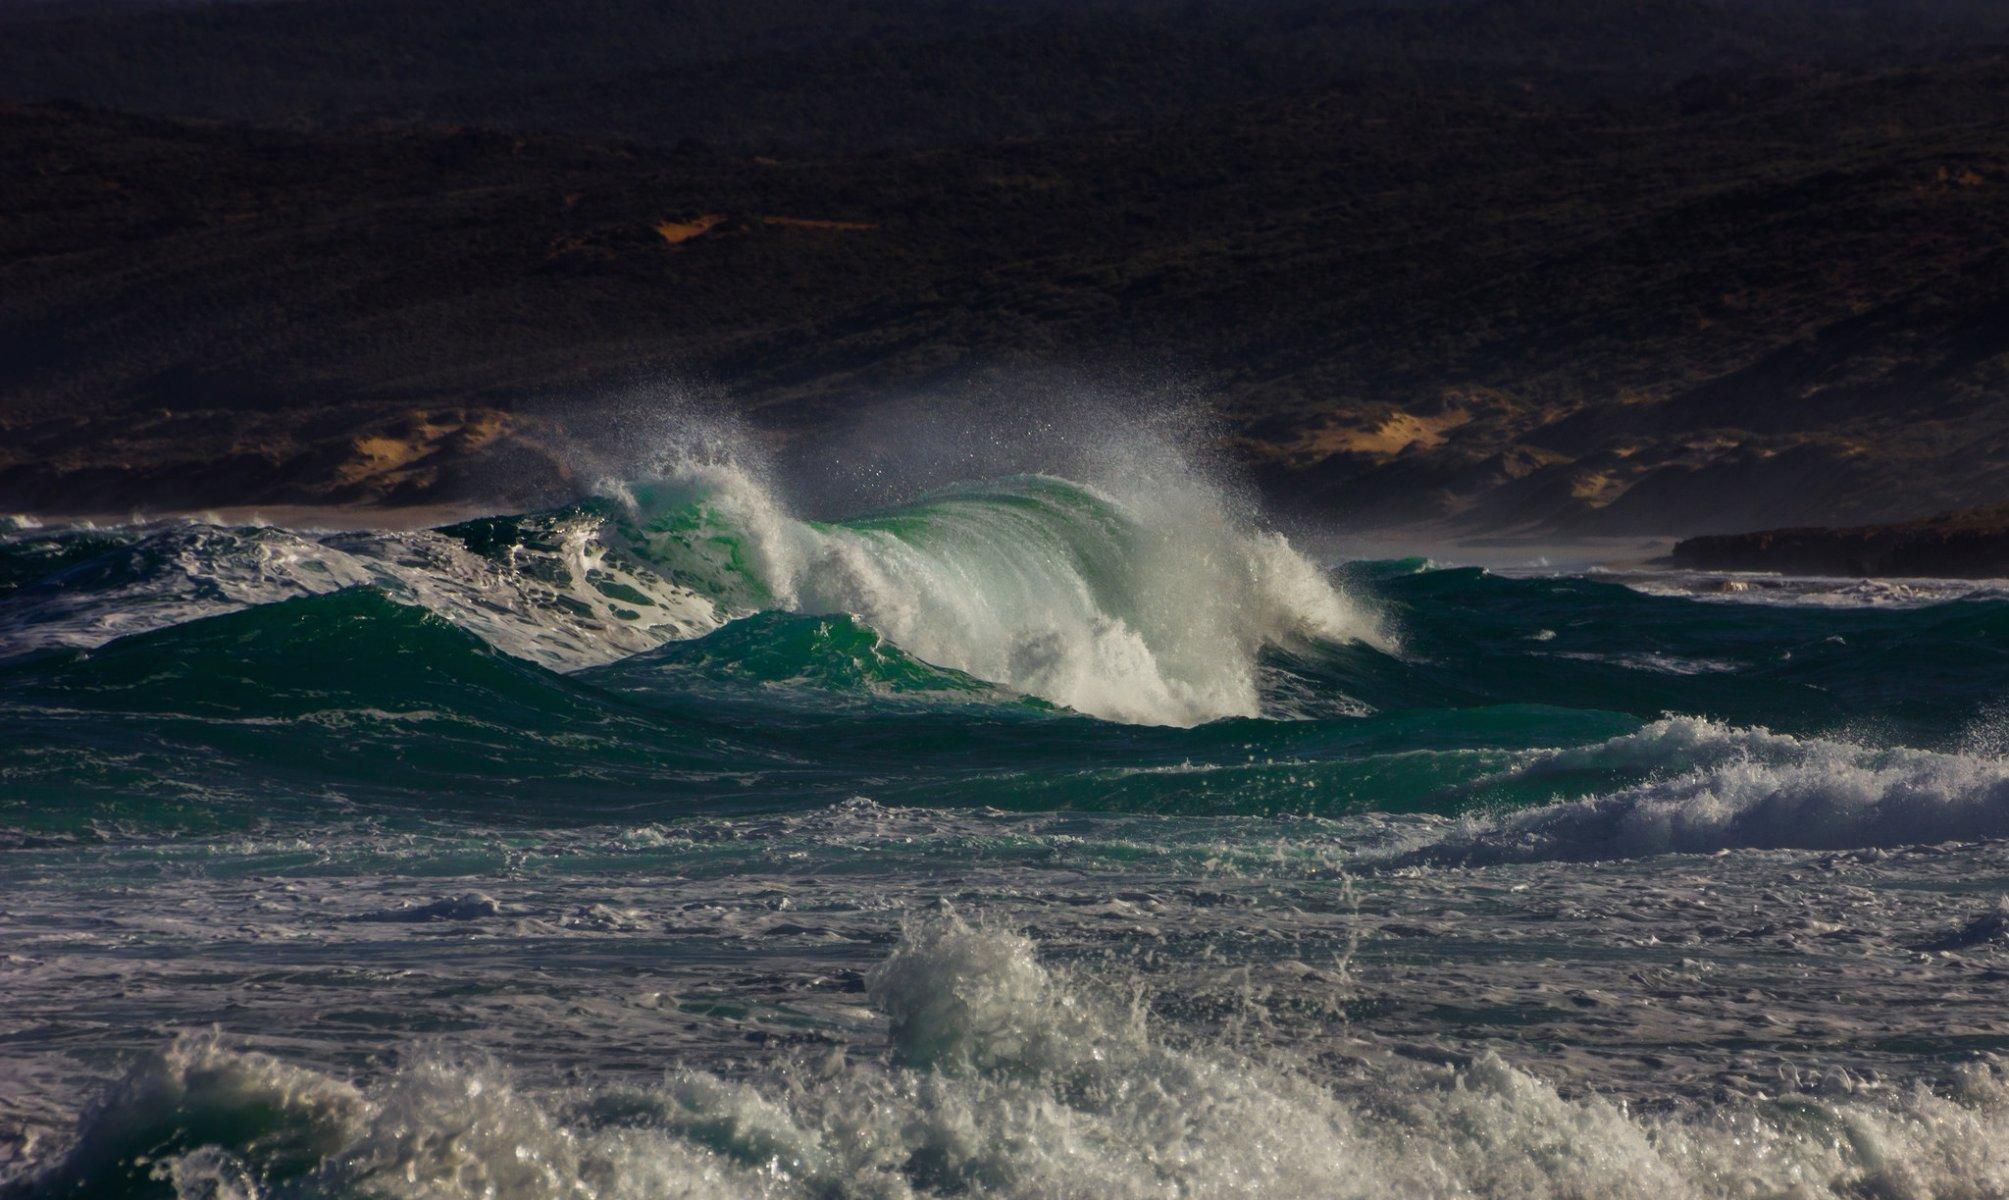 размеры океан в шторм фото для